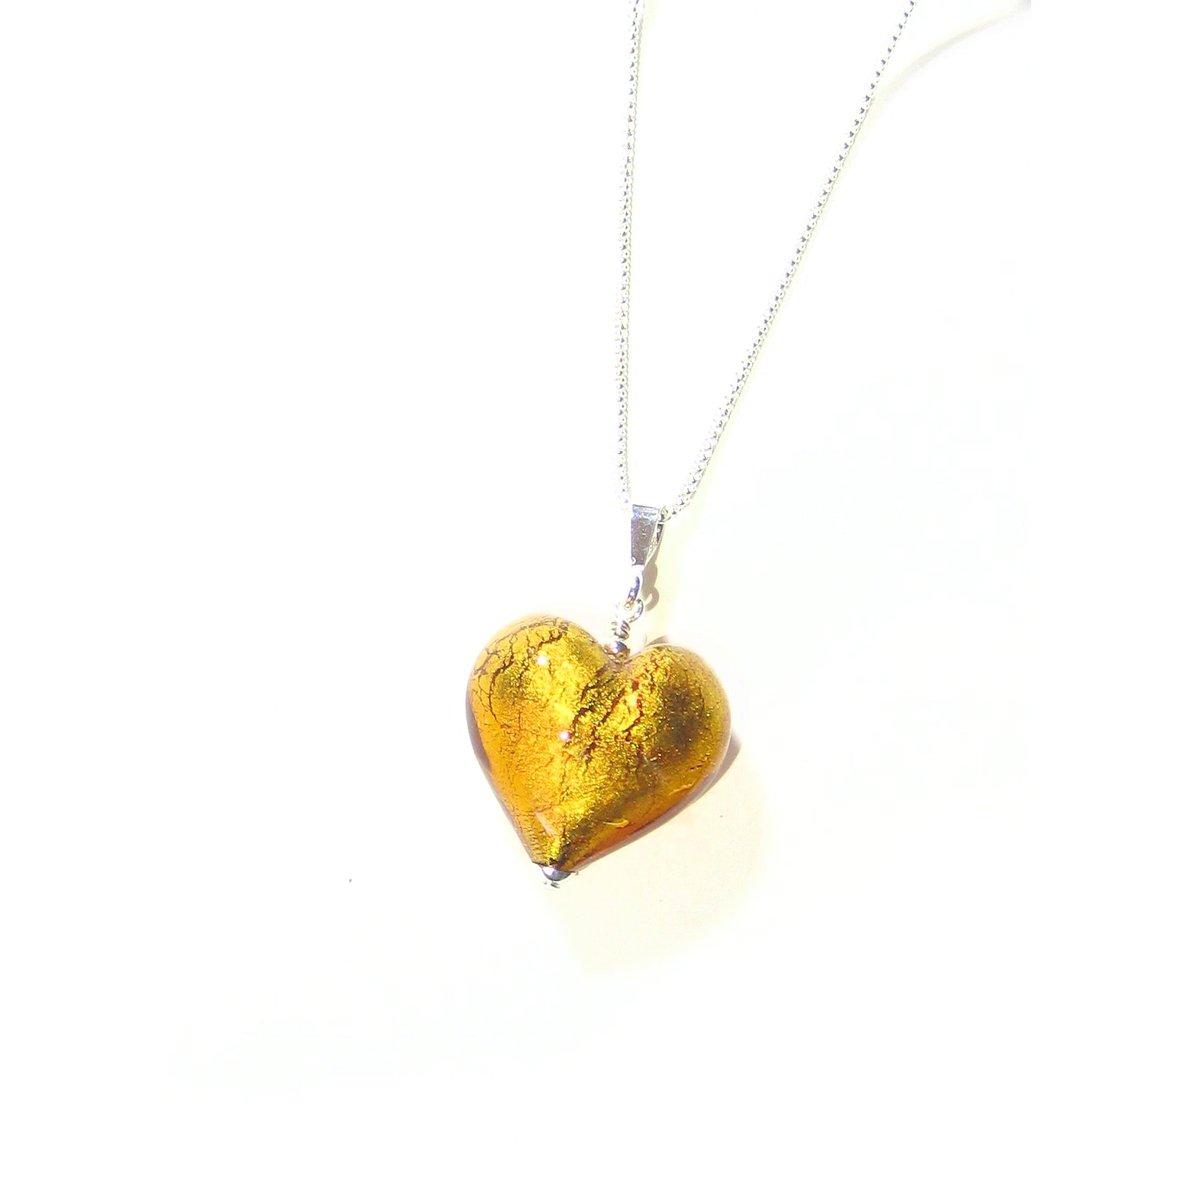 Murano Glass Topaz Amber Puffy Heart Pendant  #fashion #etsymntt #earrings #handmade #jewelry #murano